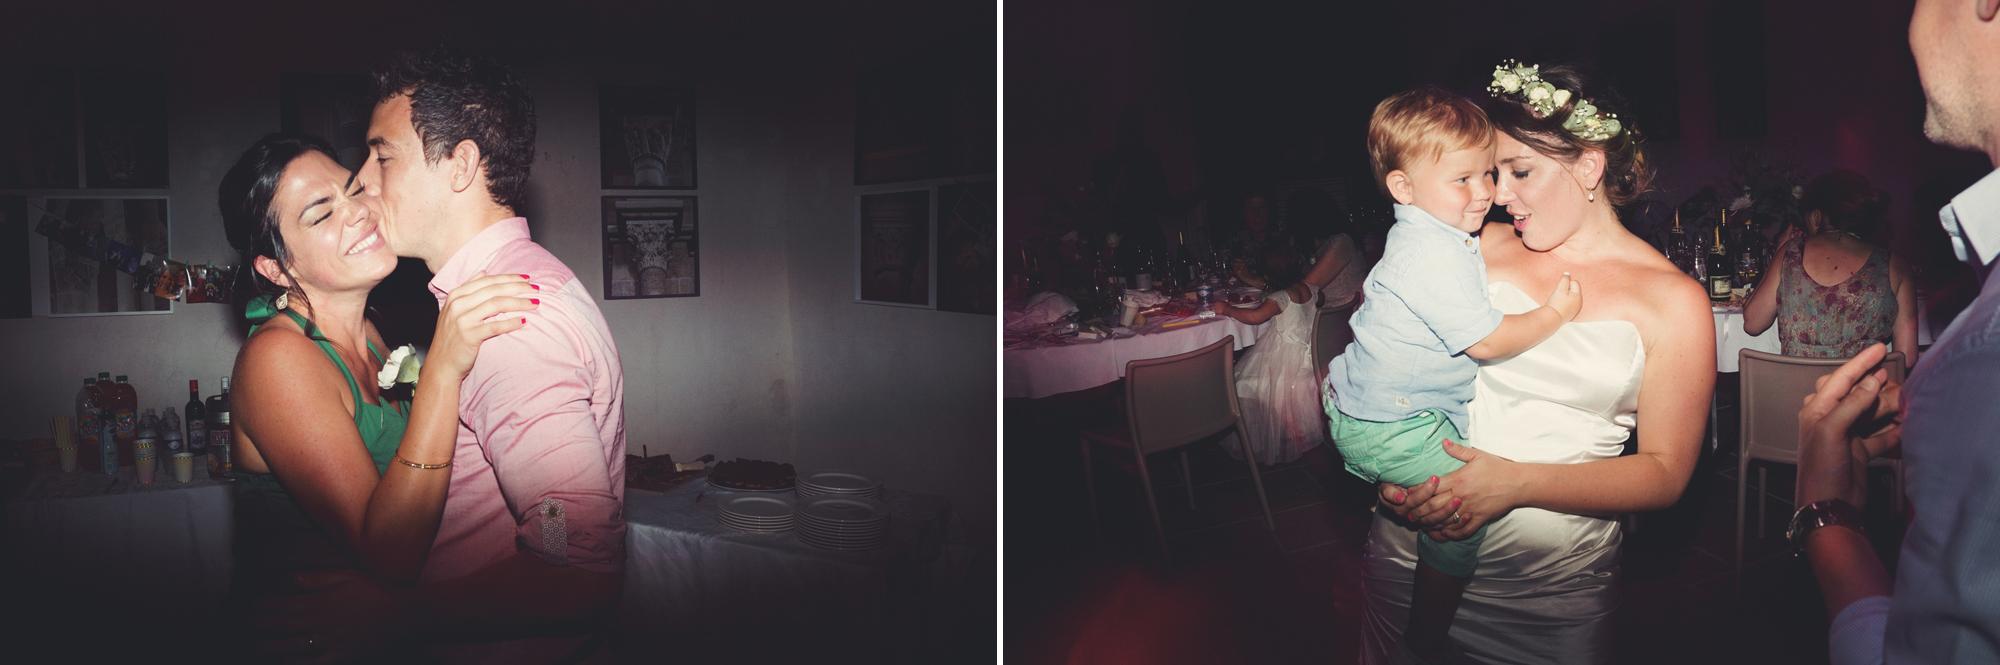 Mariage au couvent des Carmes @Anne-Claire Brun 0144